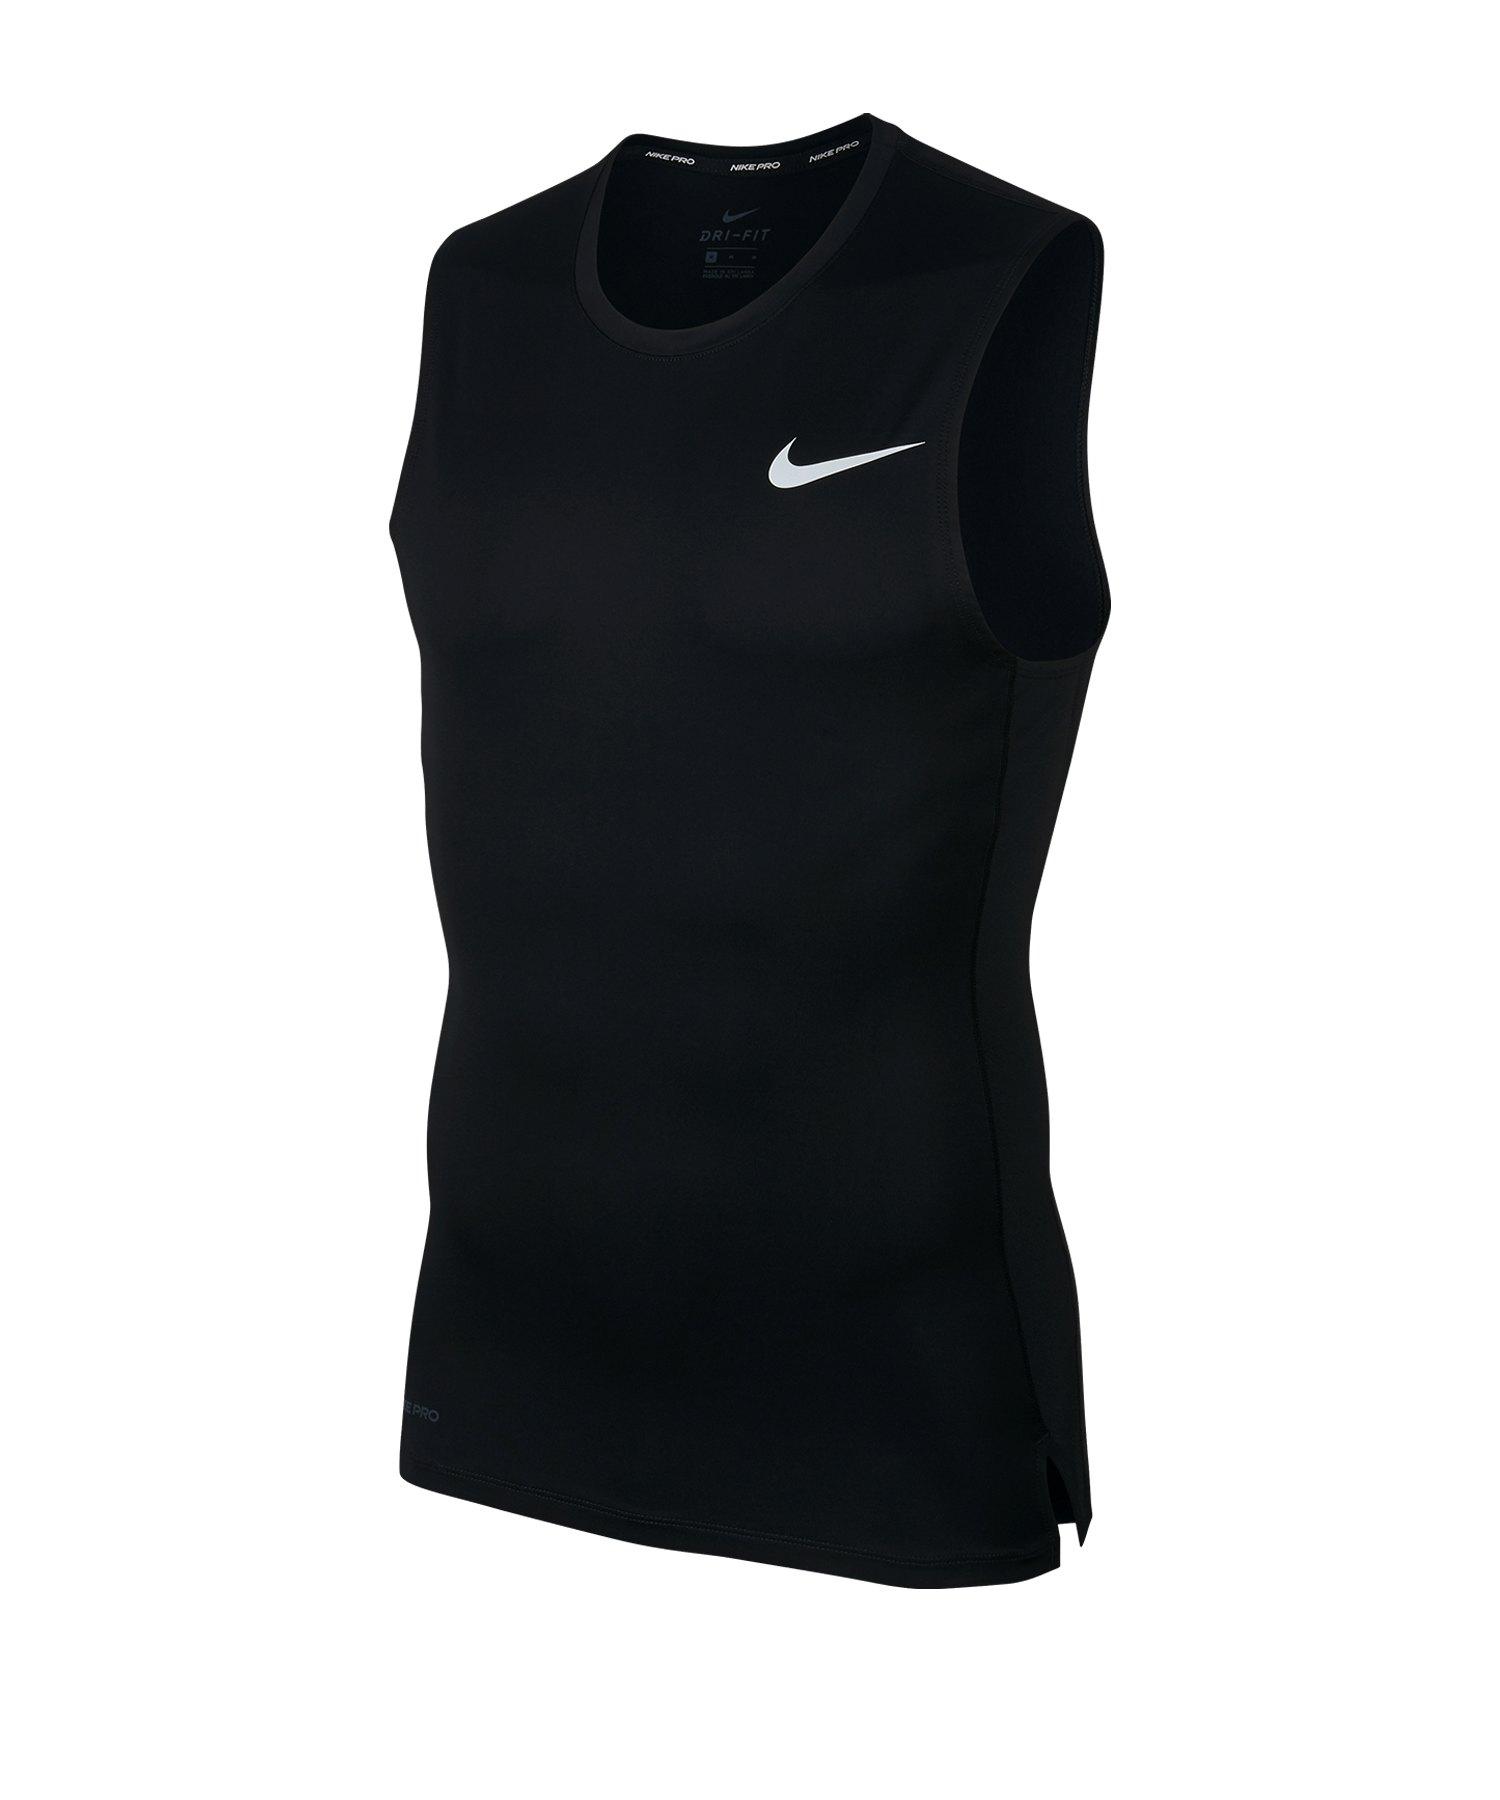 Nike Pro Tanktop Schwarz Weiss F010 - schwarz